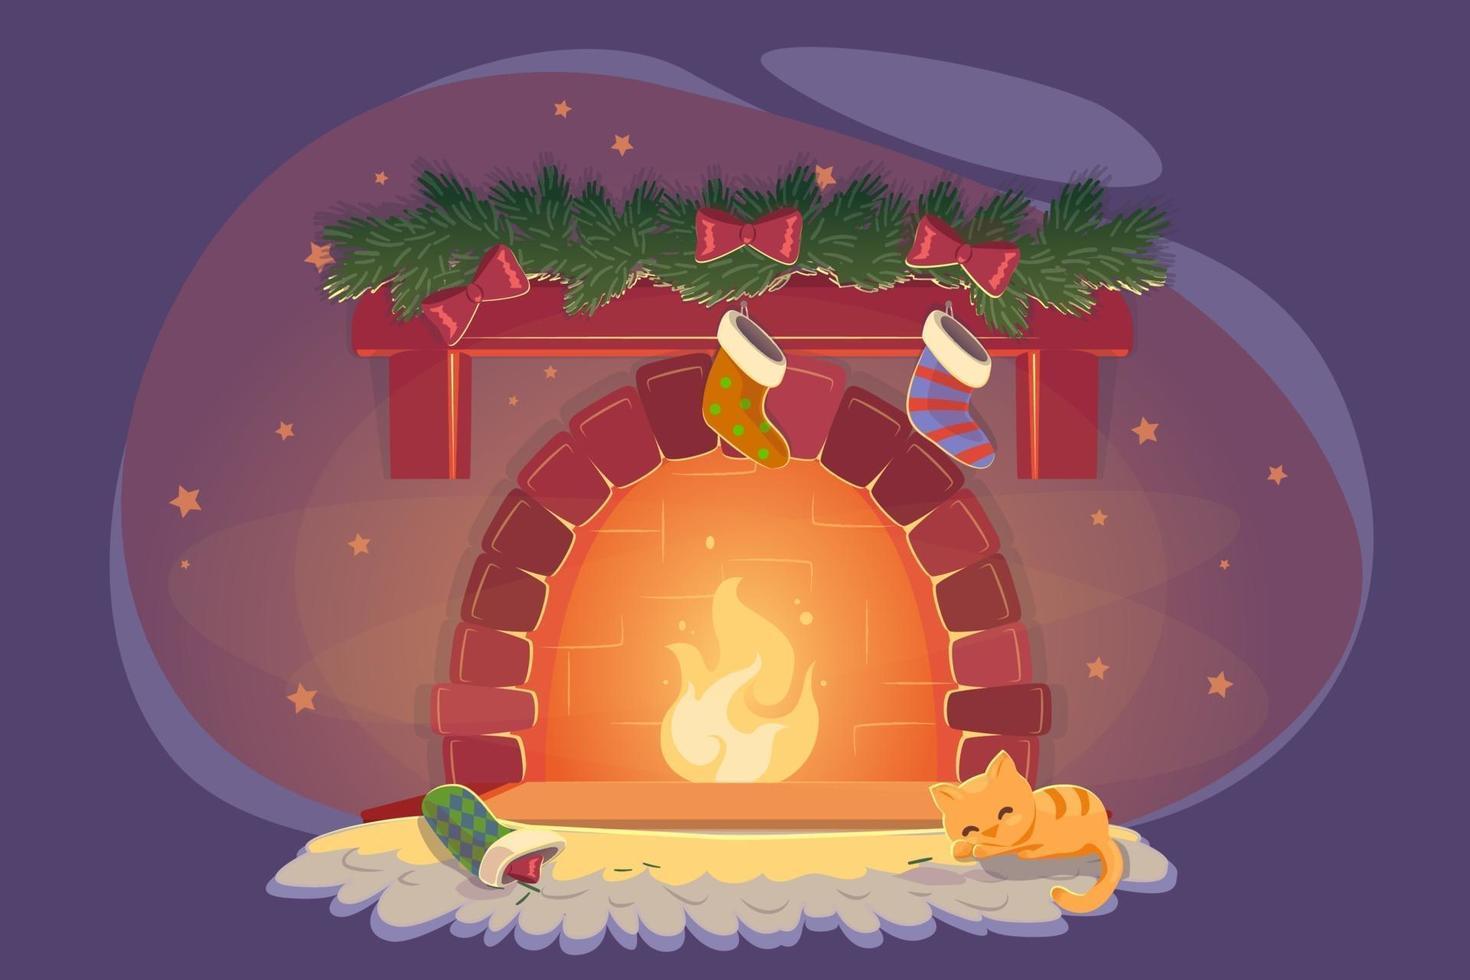 kort med xmas spis och sovande katt för fest dekoration design. lekfull kattunge nära jul eld med strumpor. nyår mysigt vinterrum, eve noel natt platt vektorillustration. vektor